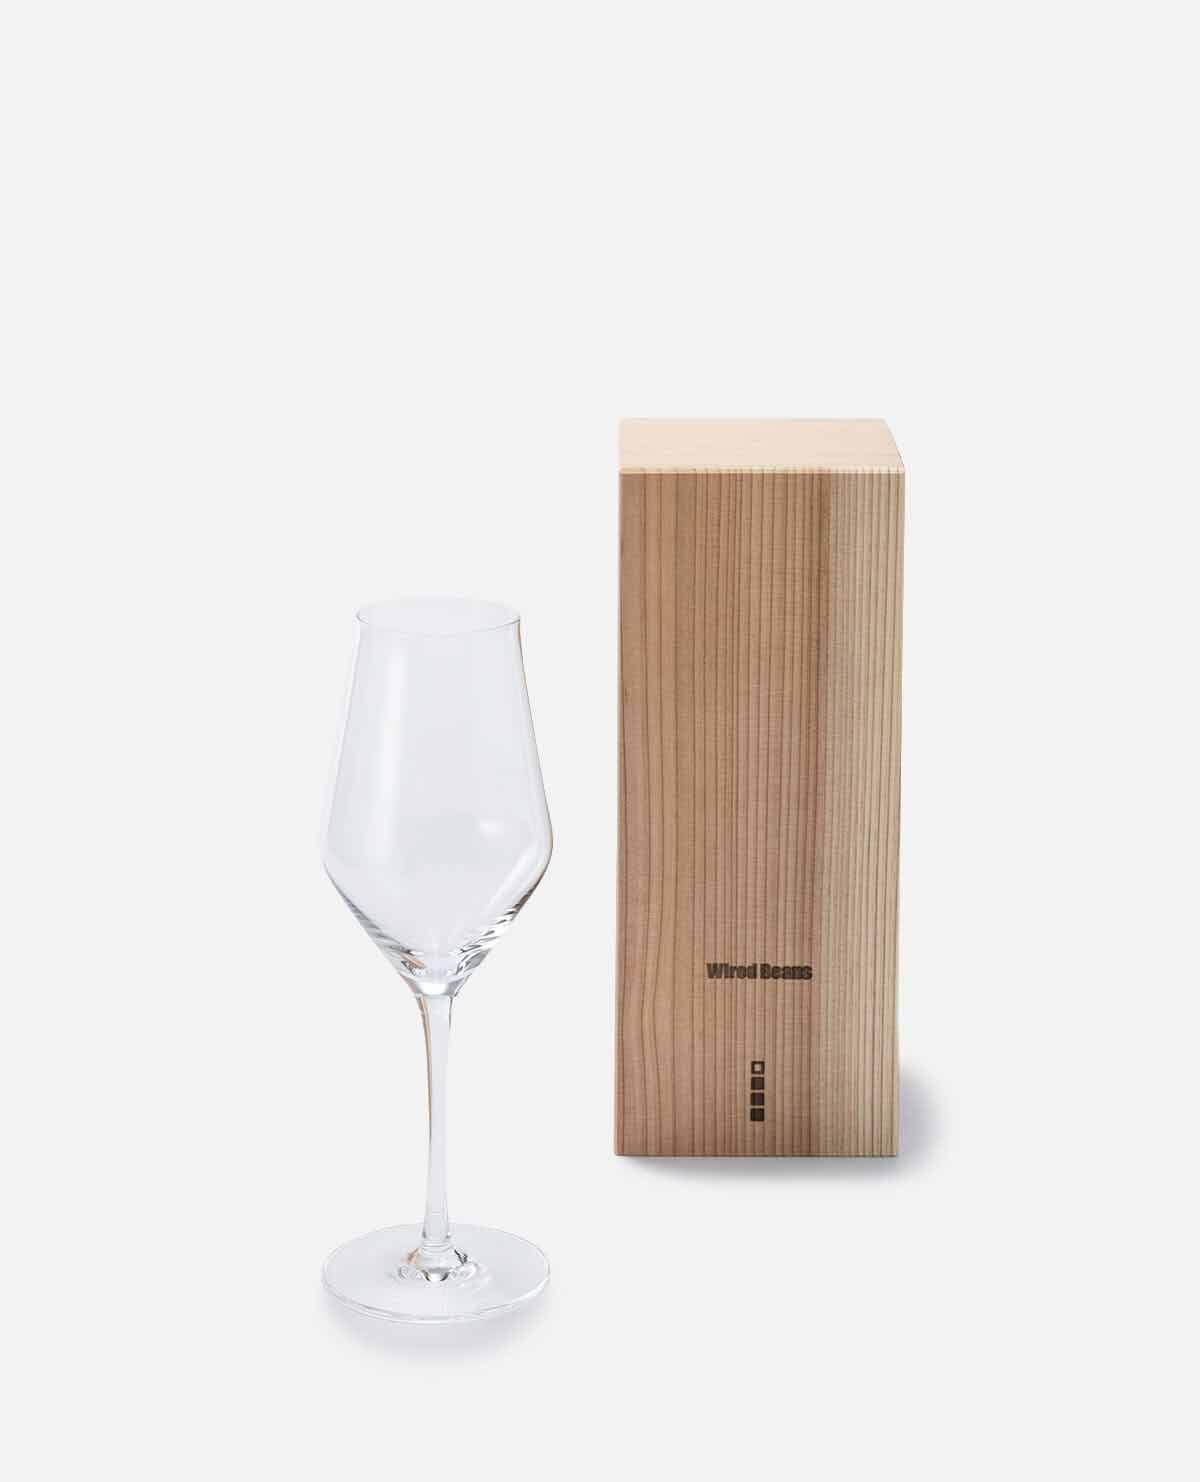 生涯を添い遂げるグラス ワイングラス シャンパーニュk